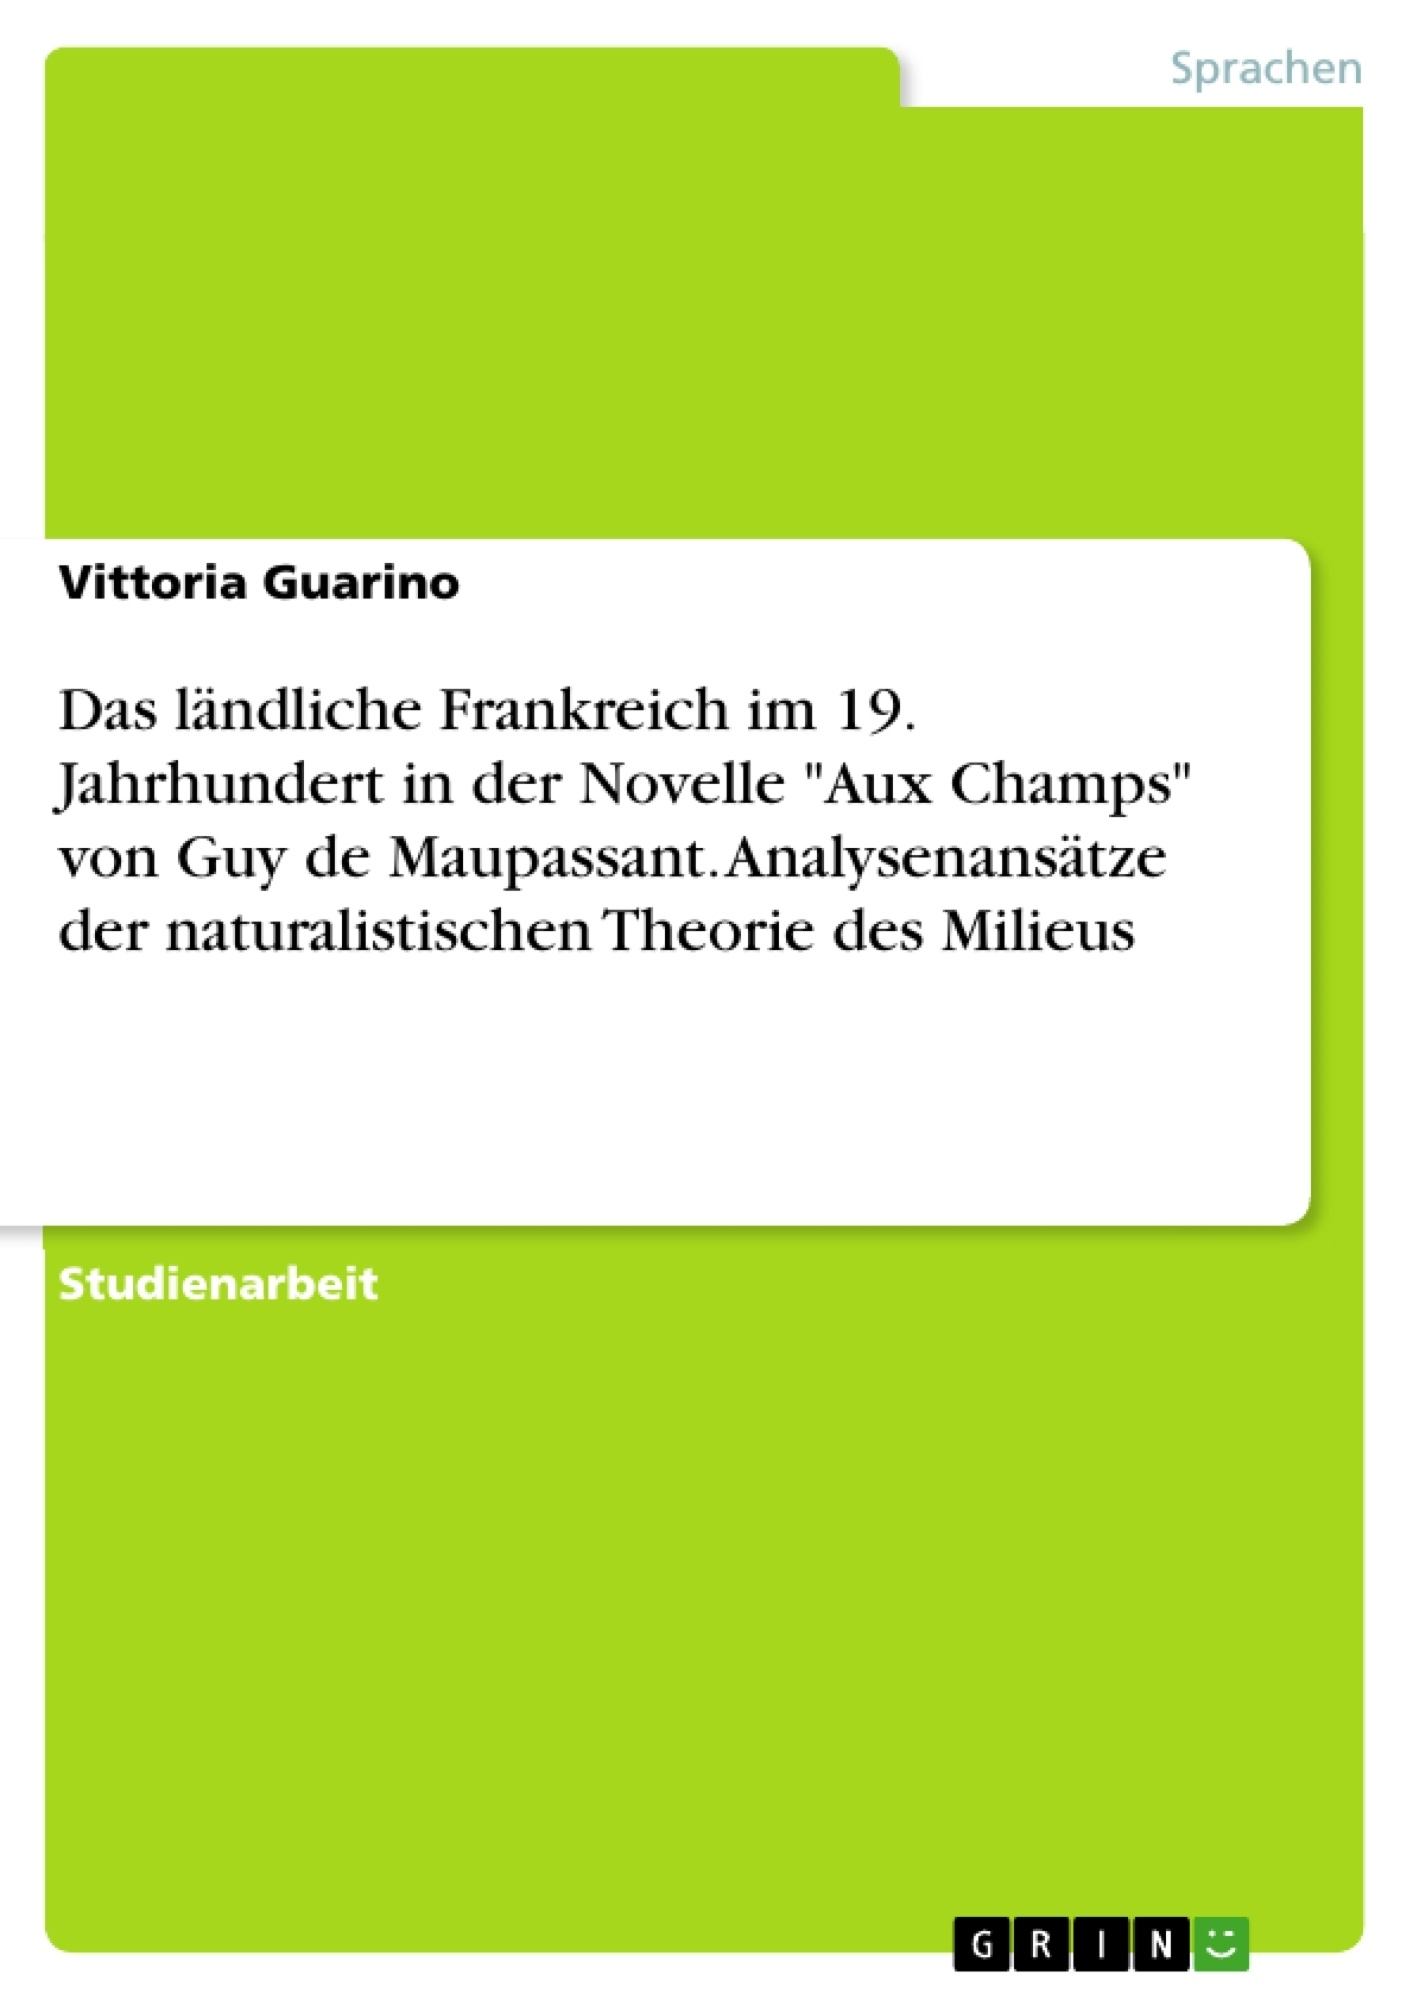 """Titel: Das ländliche Frankreich im 19. Jahrhundert in der Novelle """"Aux Champs"""" von Guy de Maupassant. Analysenansätze der naturalistischen Theorie des Milieus"""